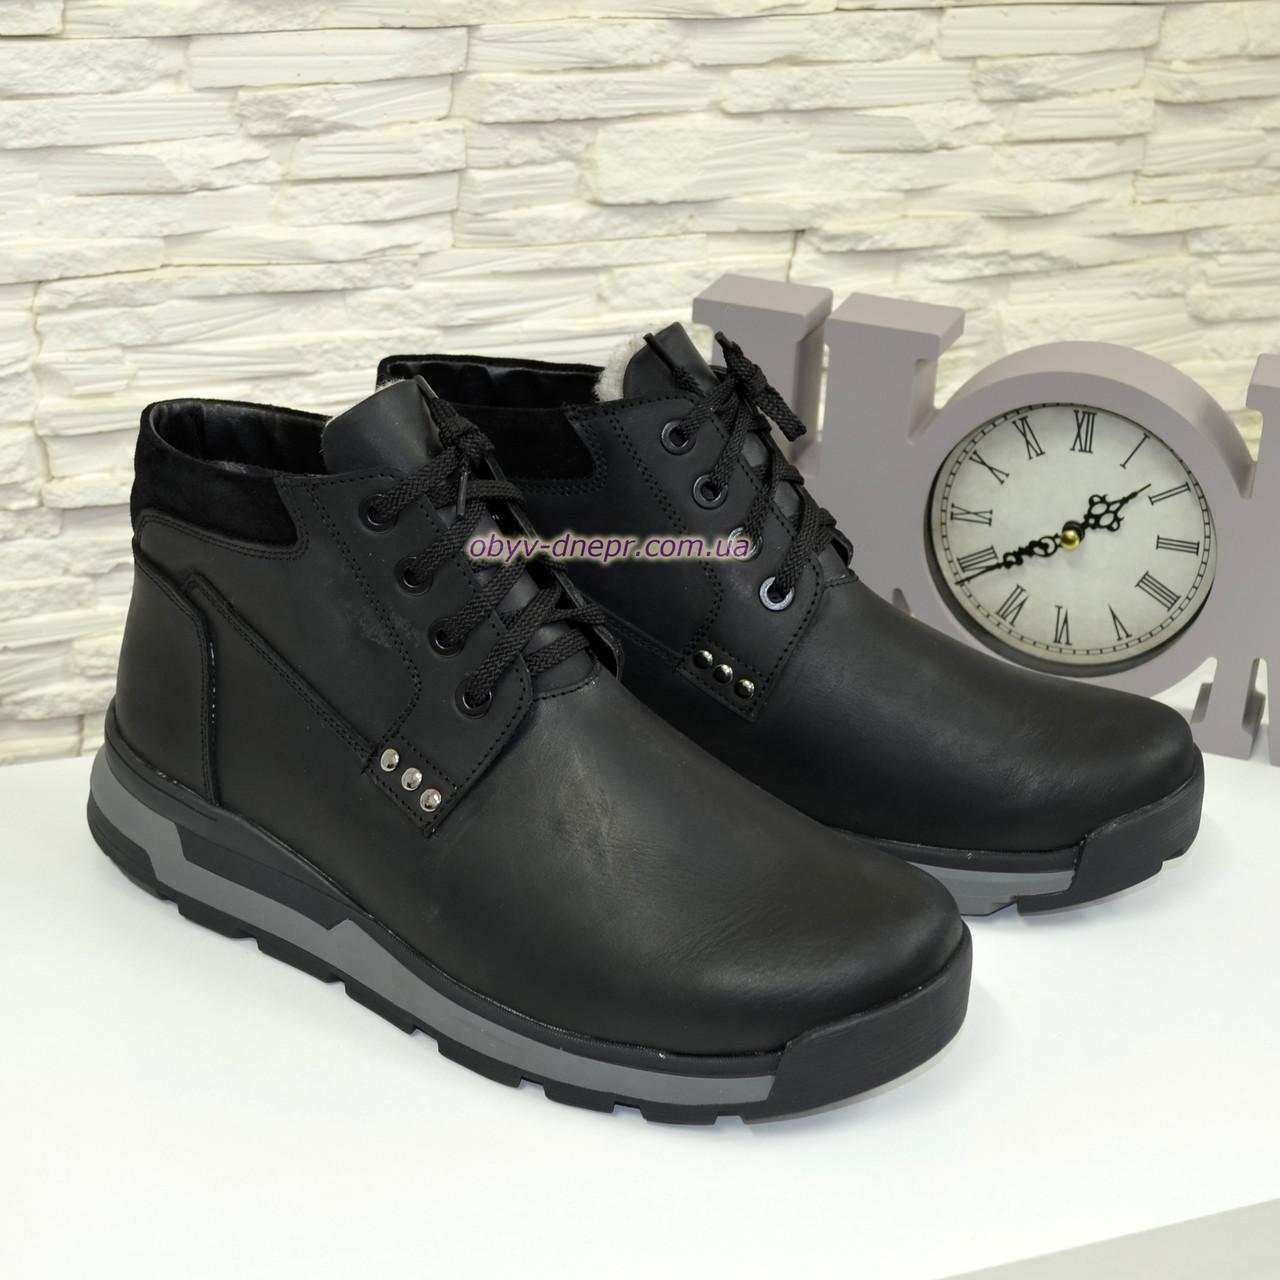 Ботинки мужские на шнуровке, натуральная черная кожа и замша.